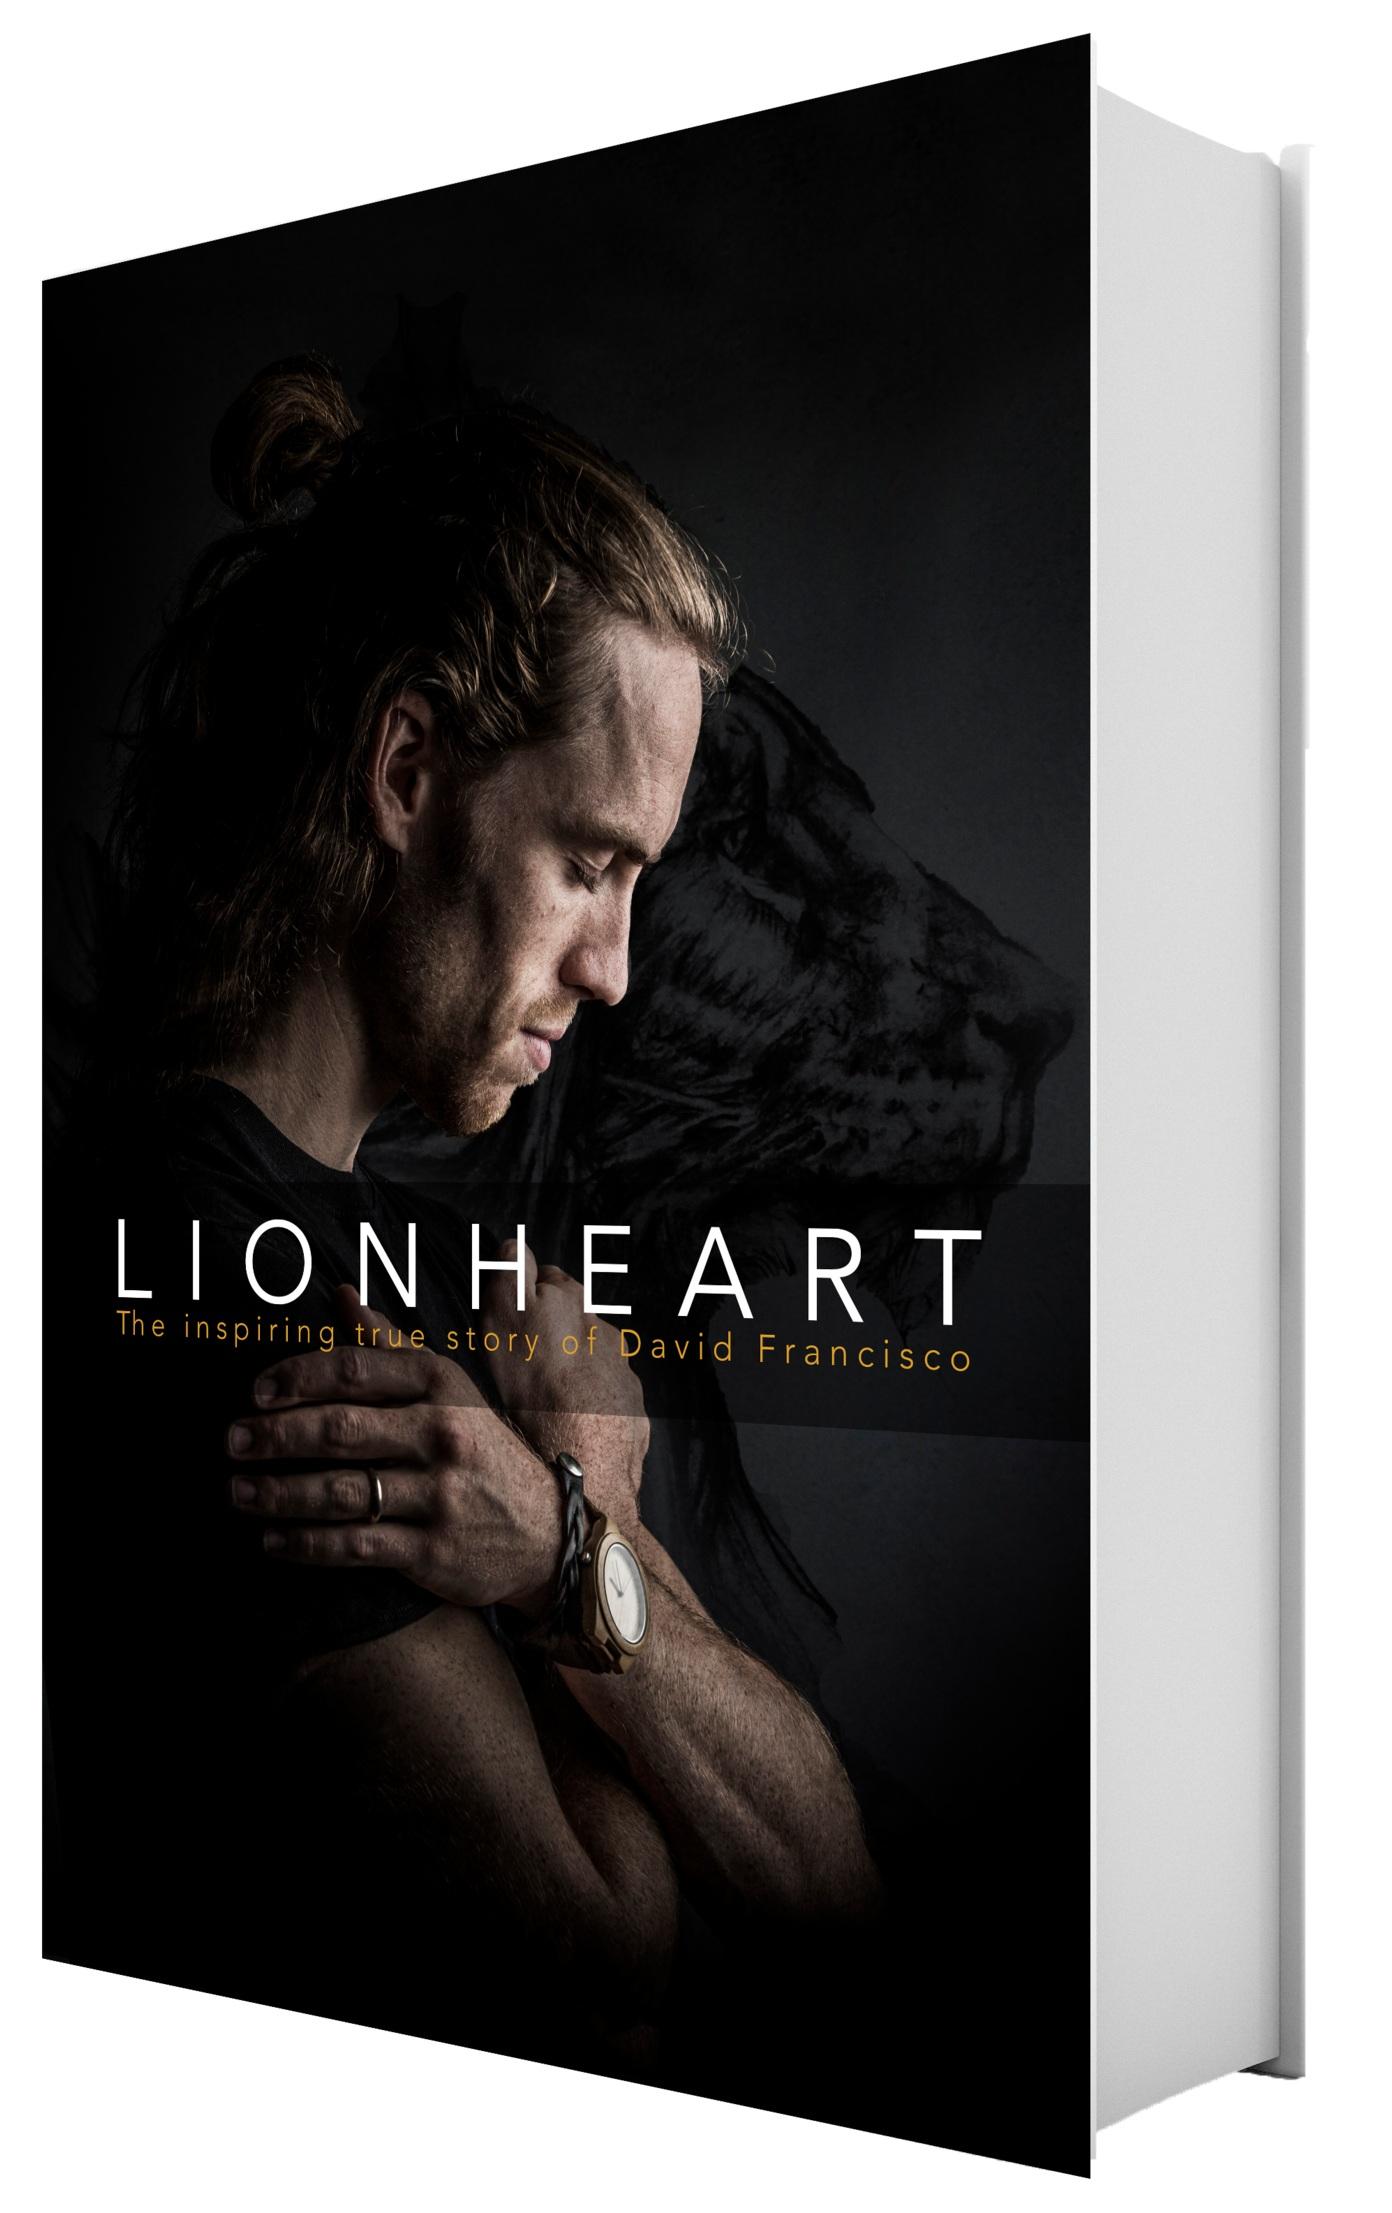 LIONHEART+BOOK+COVER+3D.jpg